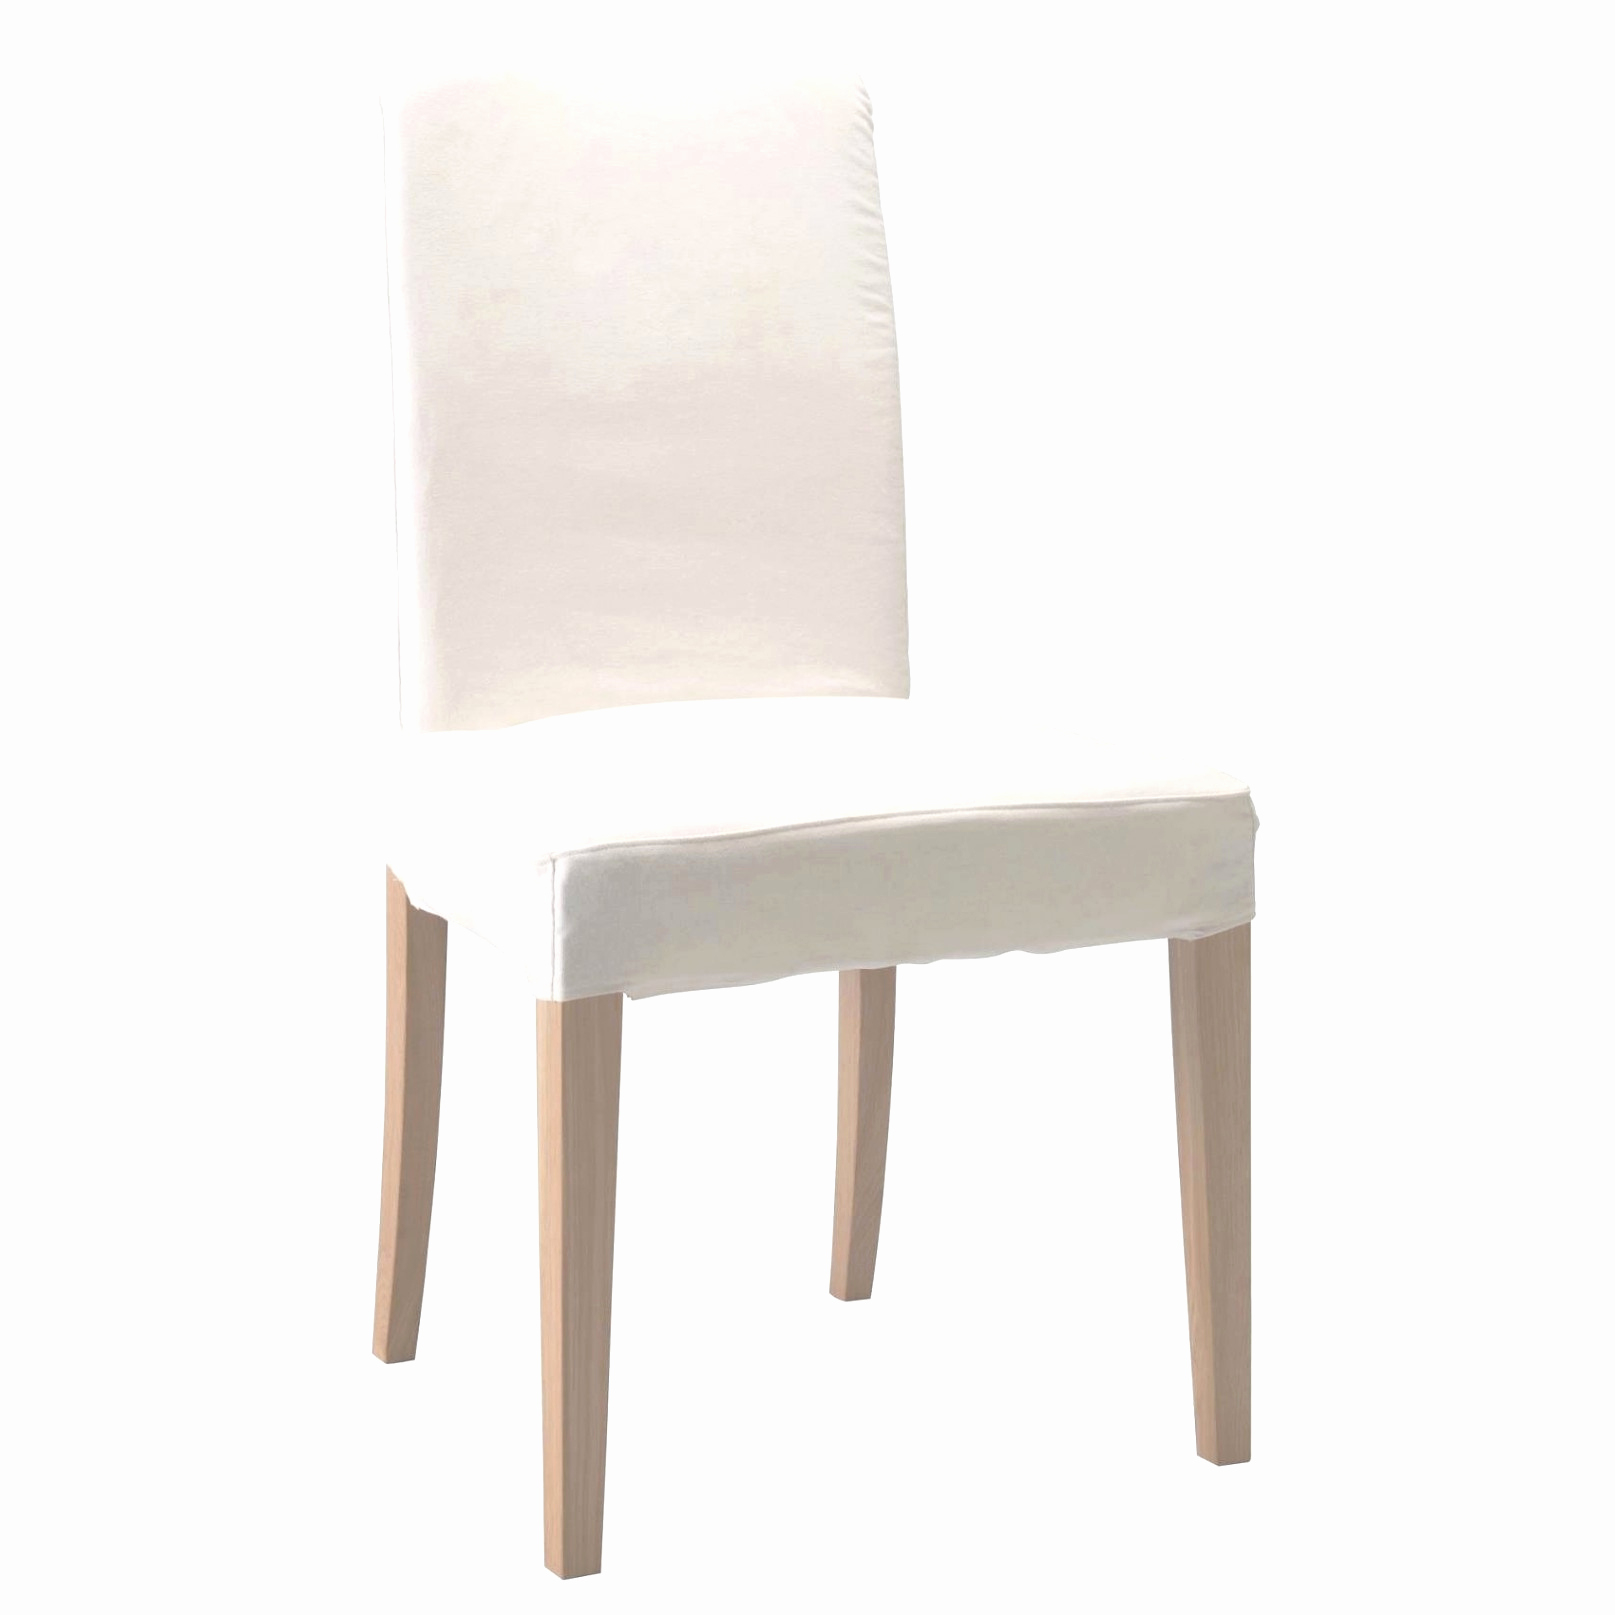 fauteuil osier conforama beau salon salle a manger charmant fauteuil osier conforama luxe chaise blanche jardin pas cher magnifique chaises of